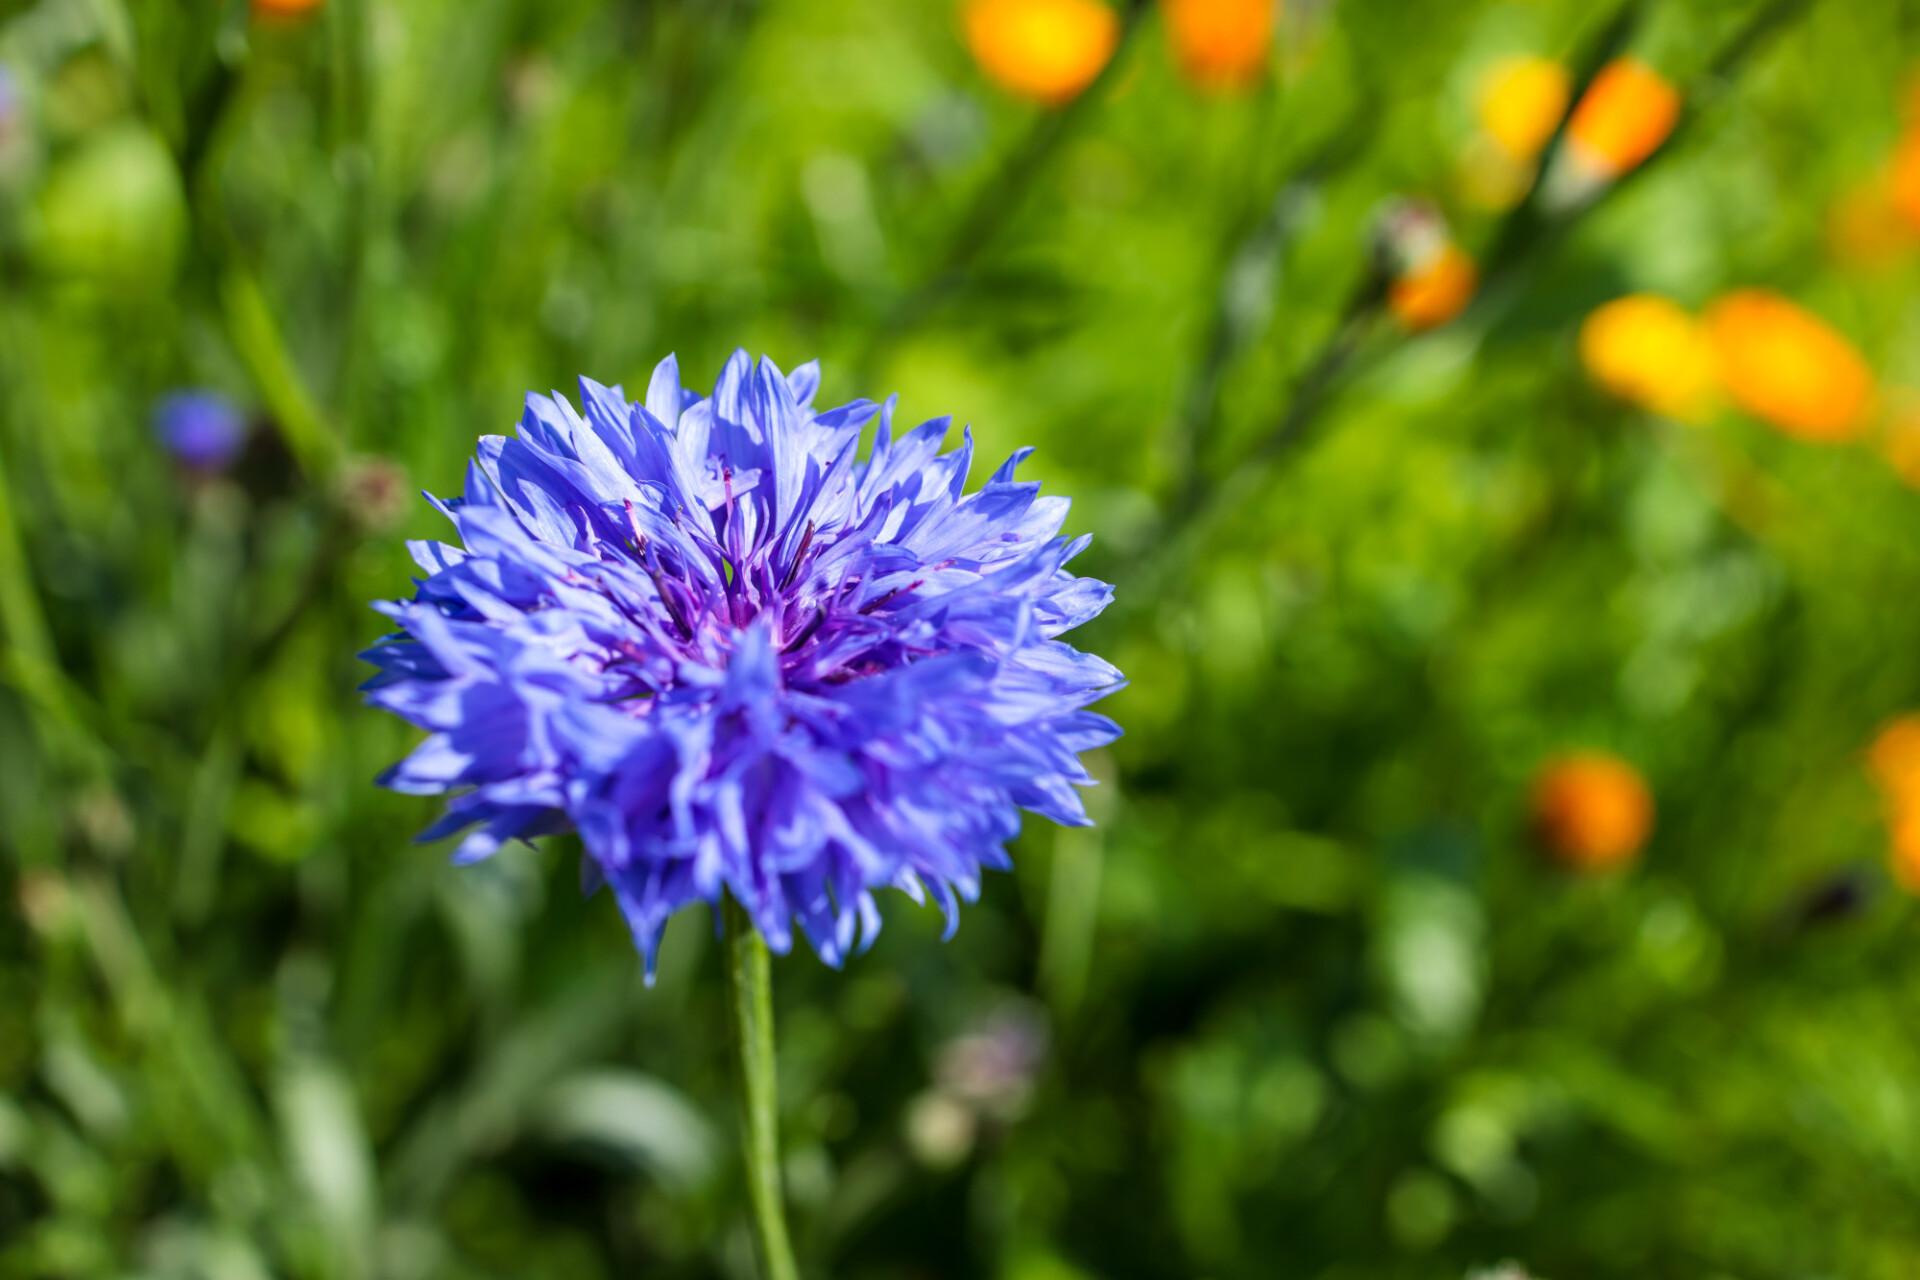 Cornflower in a wild meadow